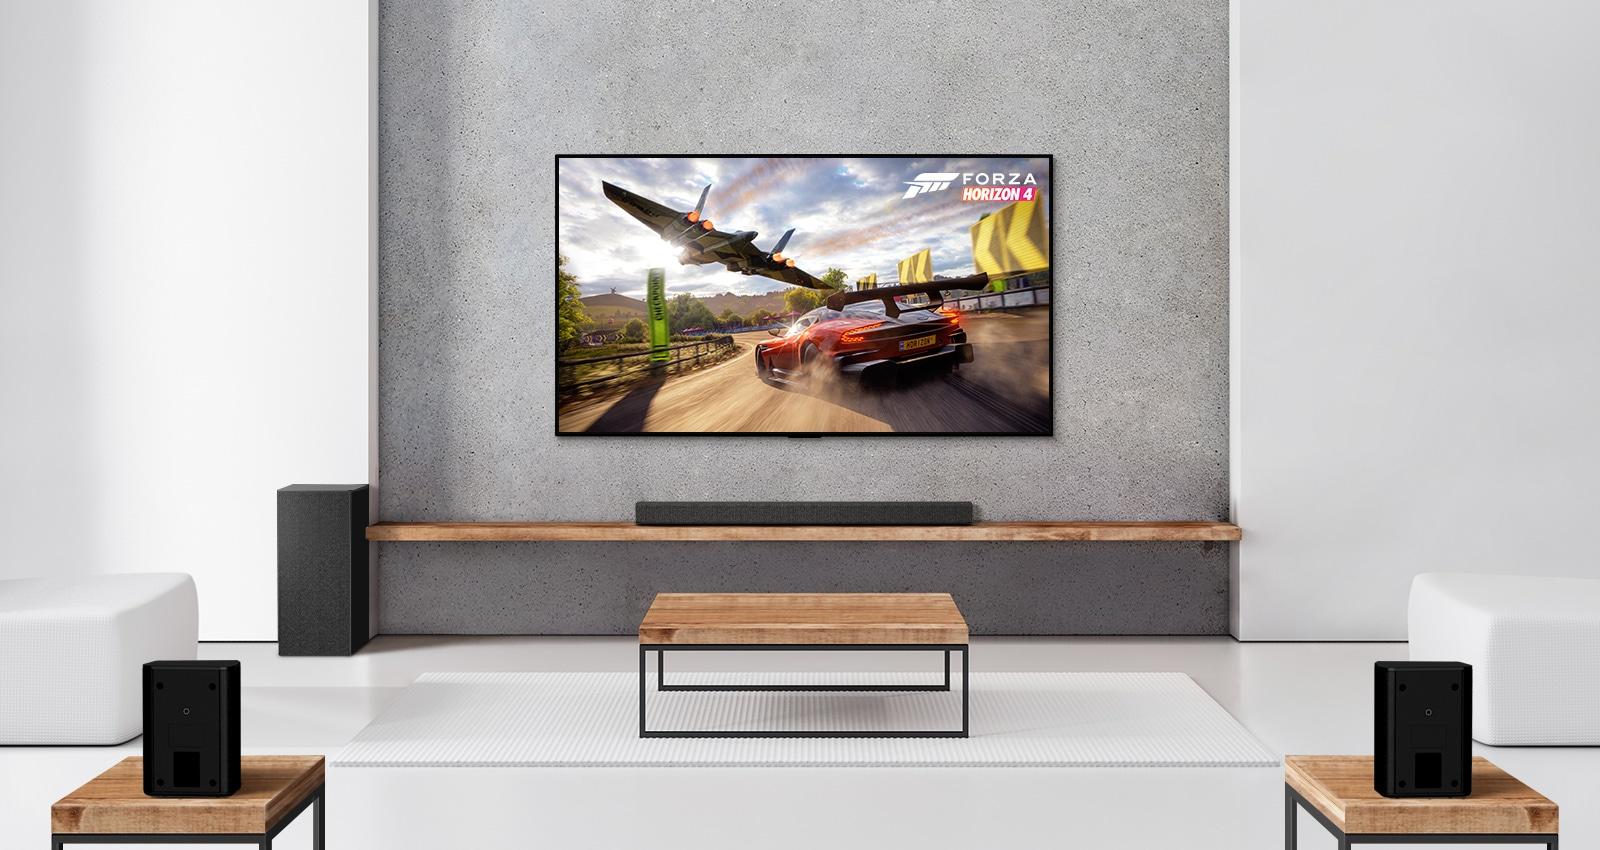 Loa siêu trầm, loa soundbar và TV trong phòng khách màu trắng. Xe đang chạy và tàu vũ trụ trên màn hình TV.